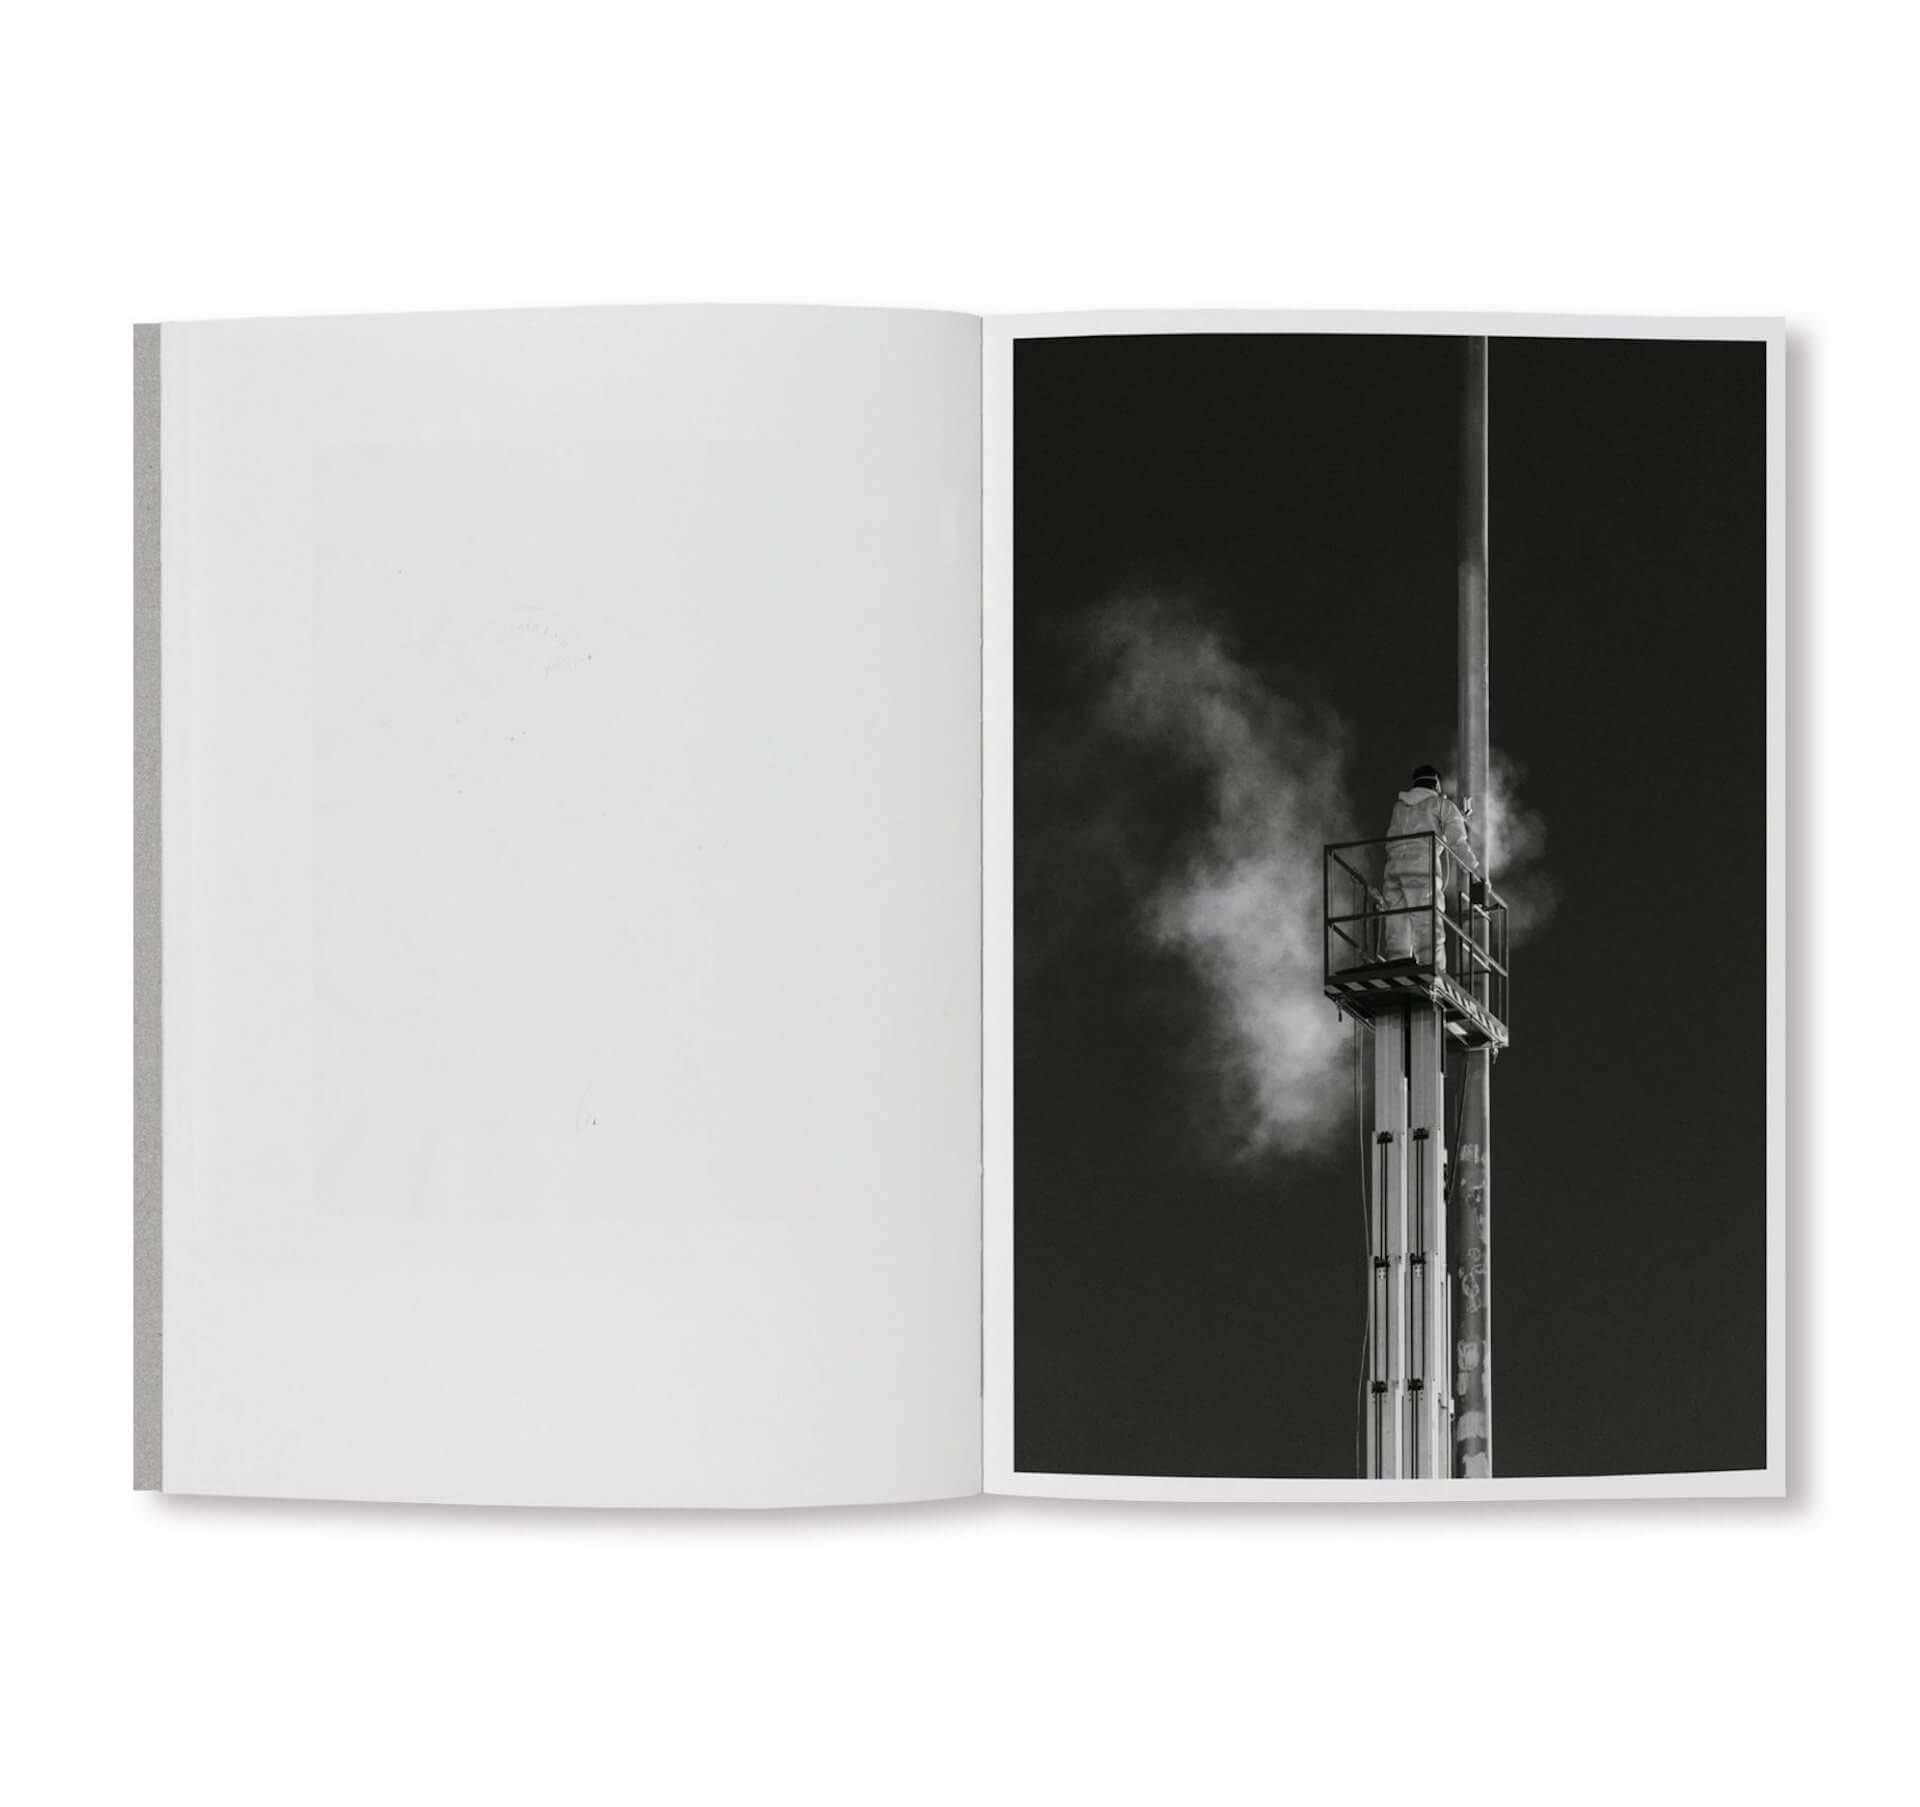 アートブックノススメ Qetic編集部が選ぶ5冊/奥山由之他 column210624_artbook-020